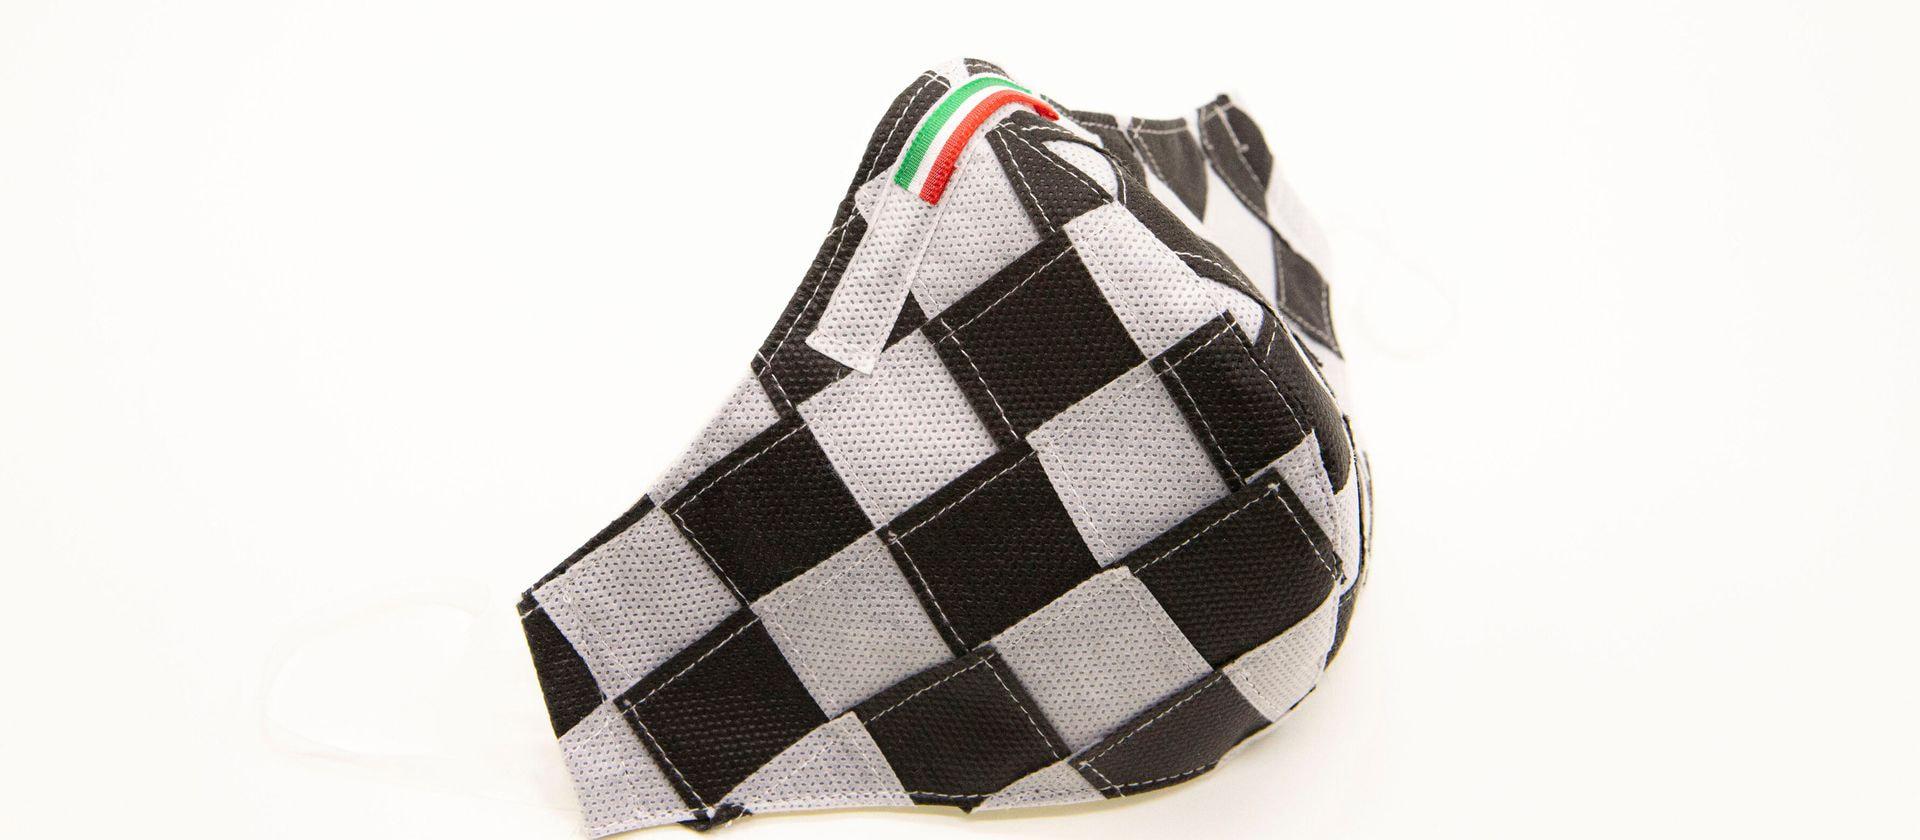 Mascherina Protettiva Fashion Lavabile a scacchi bianco e nero XL